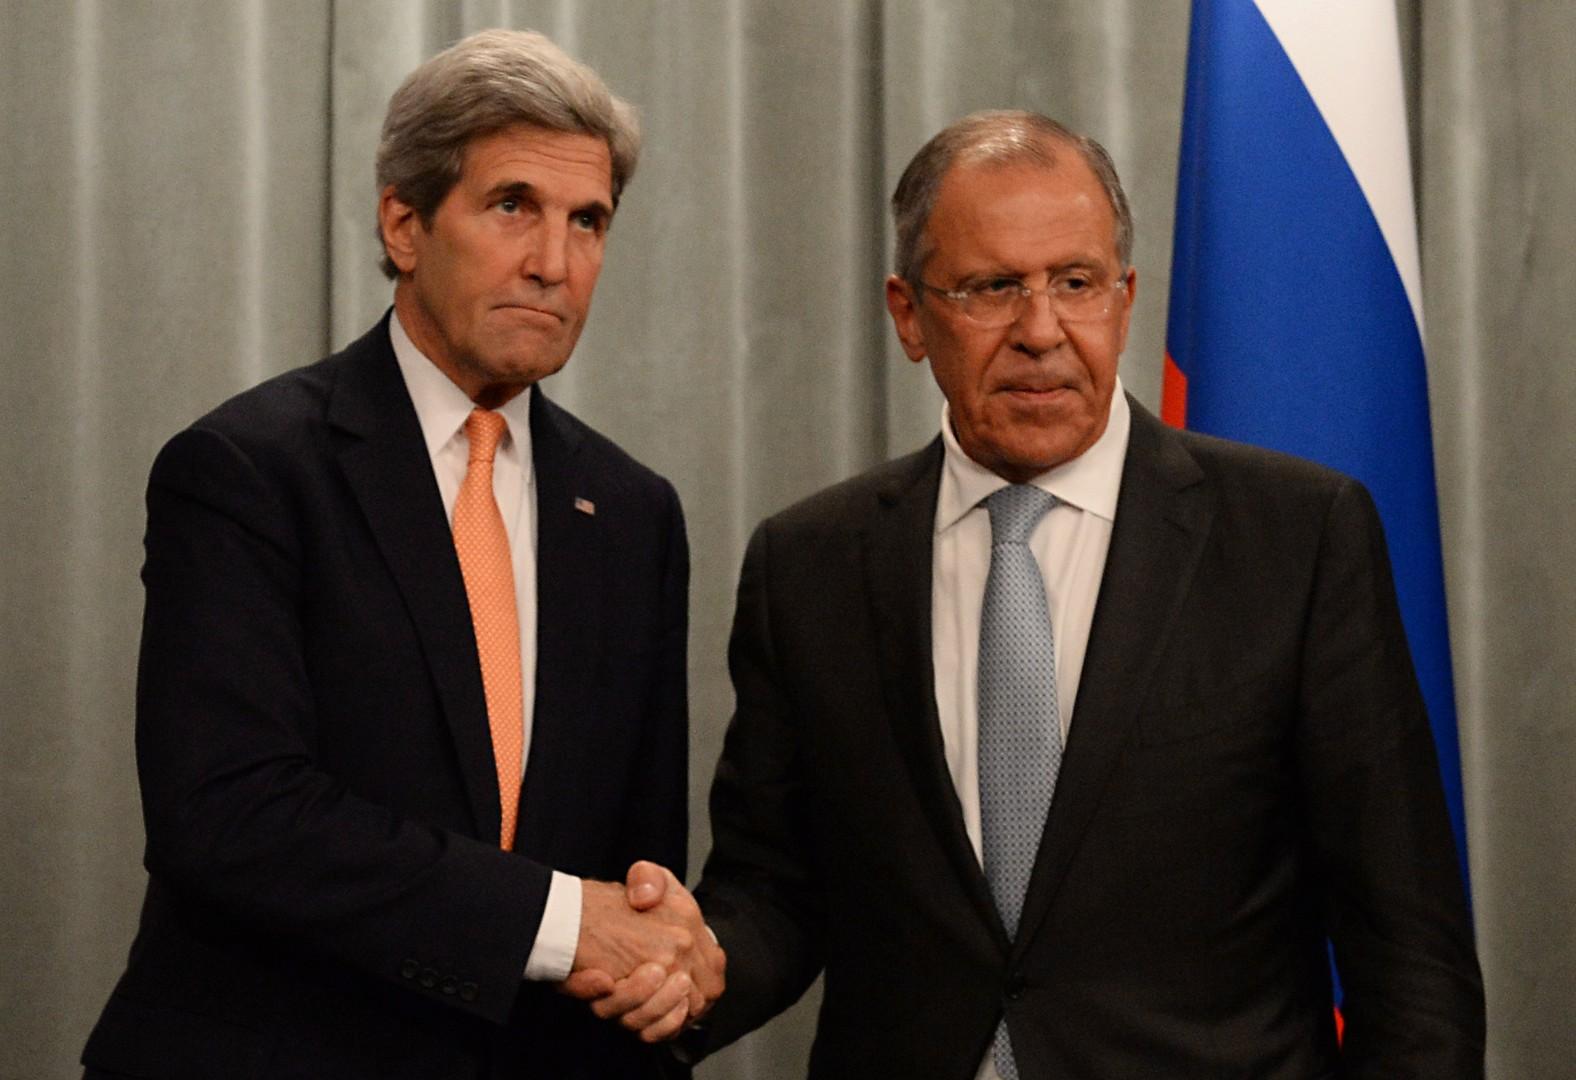 «Геополитические шахматы»: эксперт о решении США приостановить диалог с Россией по Сирии